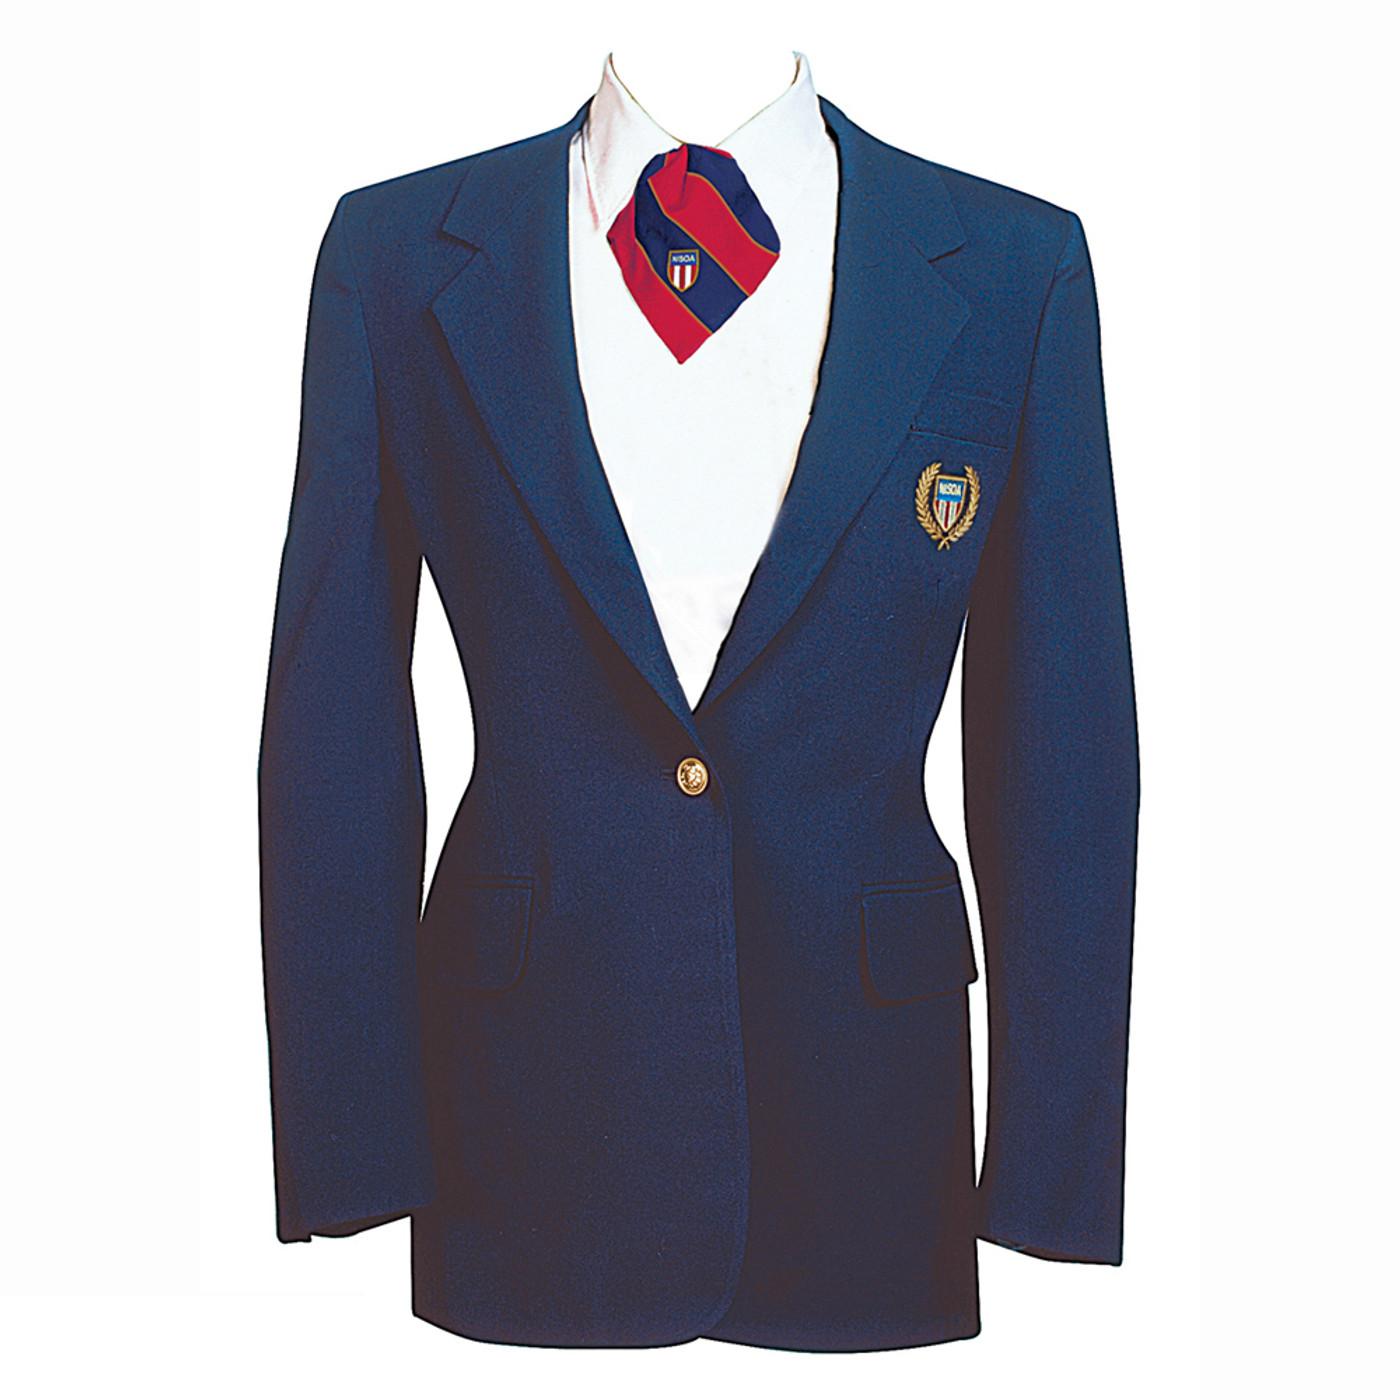 1248PN Official NISOA Women's Blazer